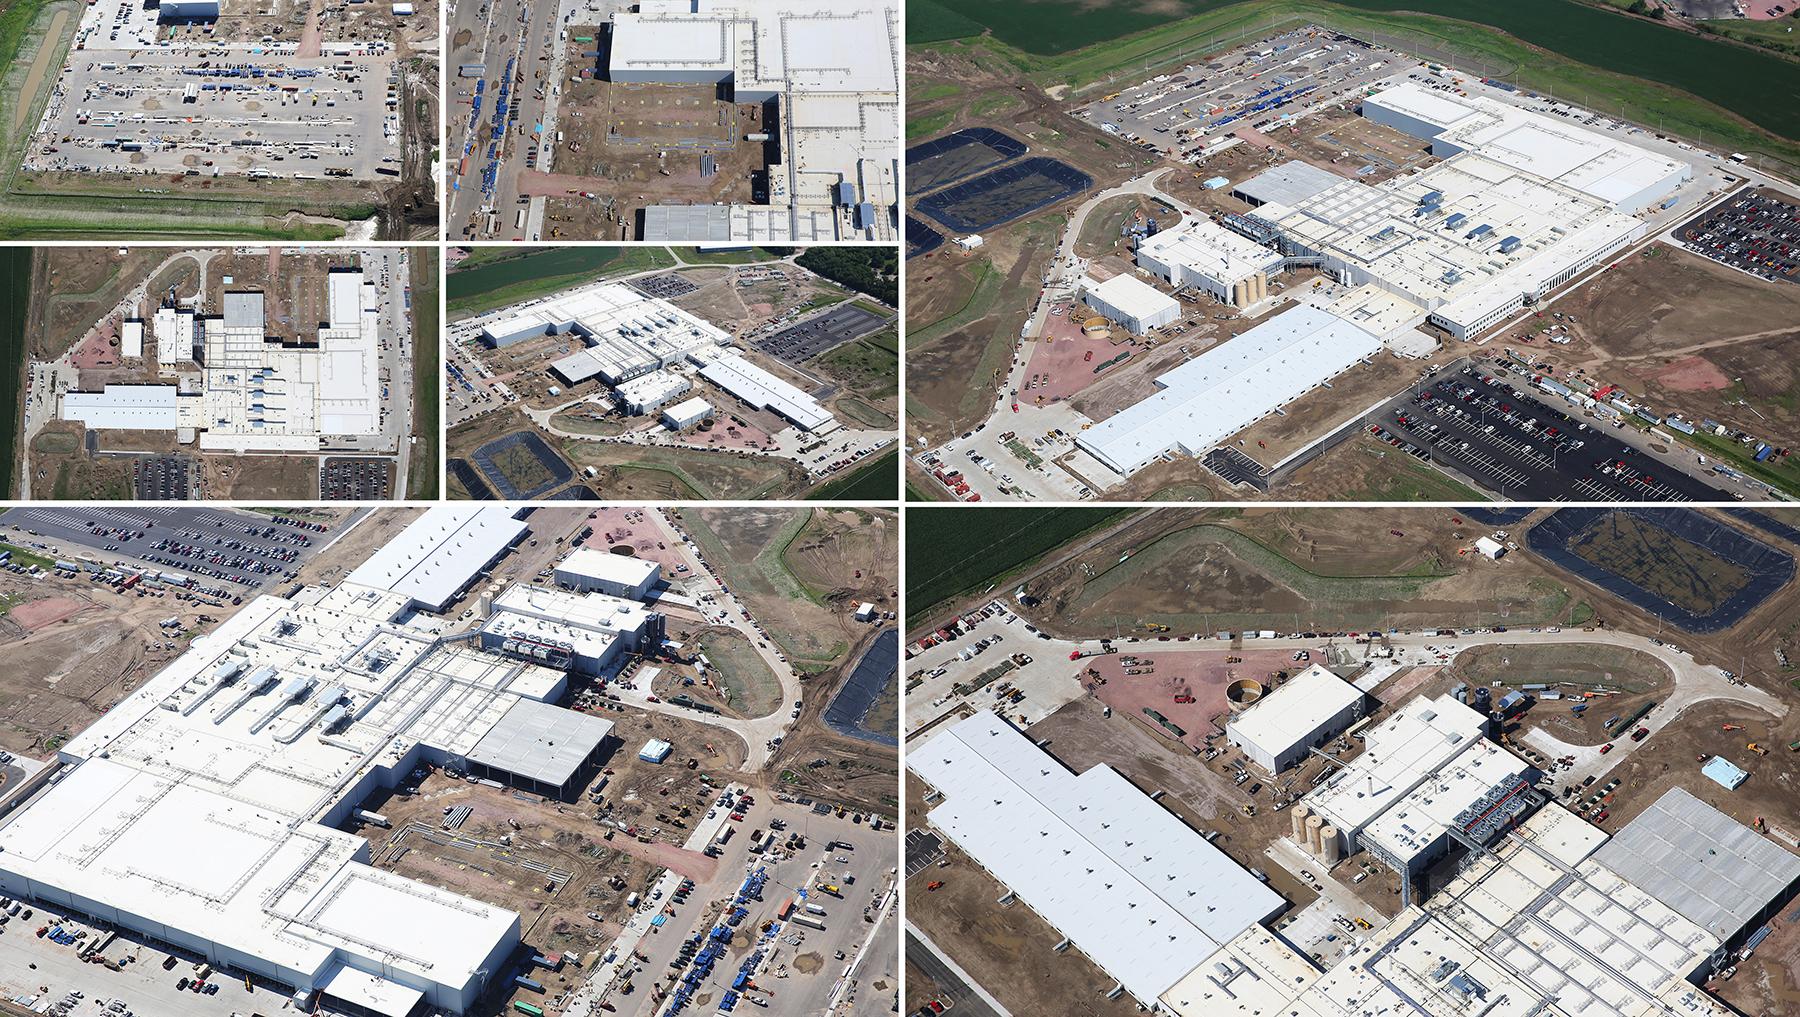 07112017STF_Sioux-CityIowa_Collage.jpg?m